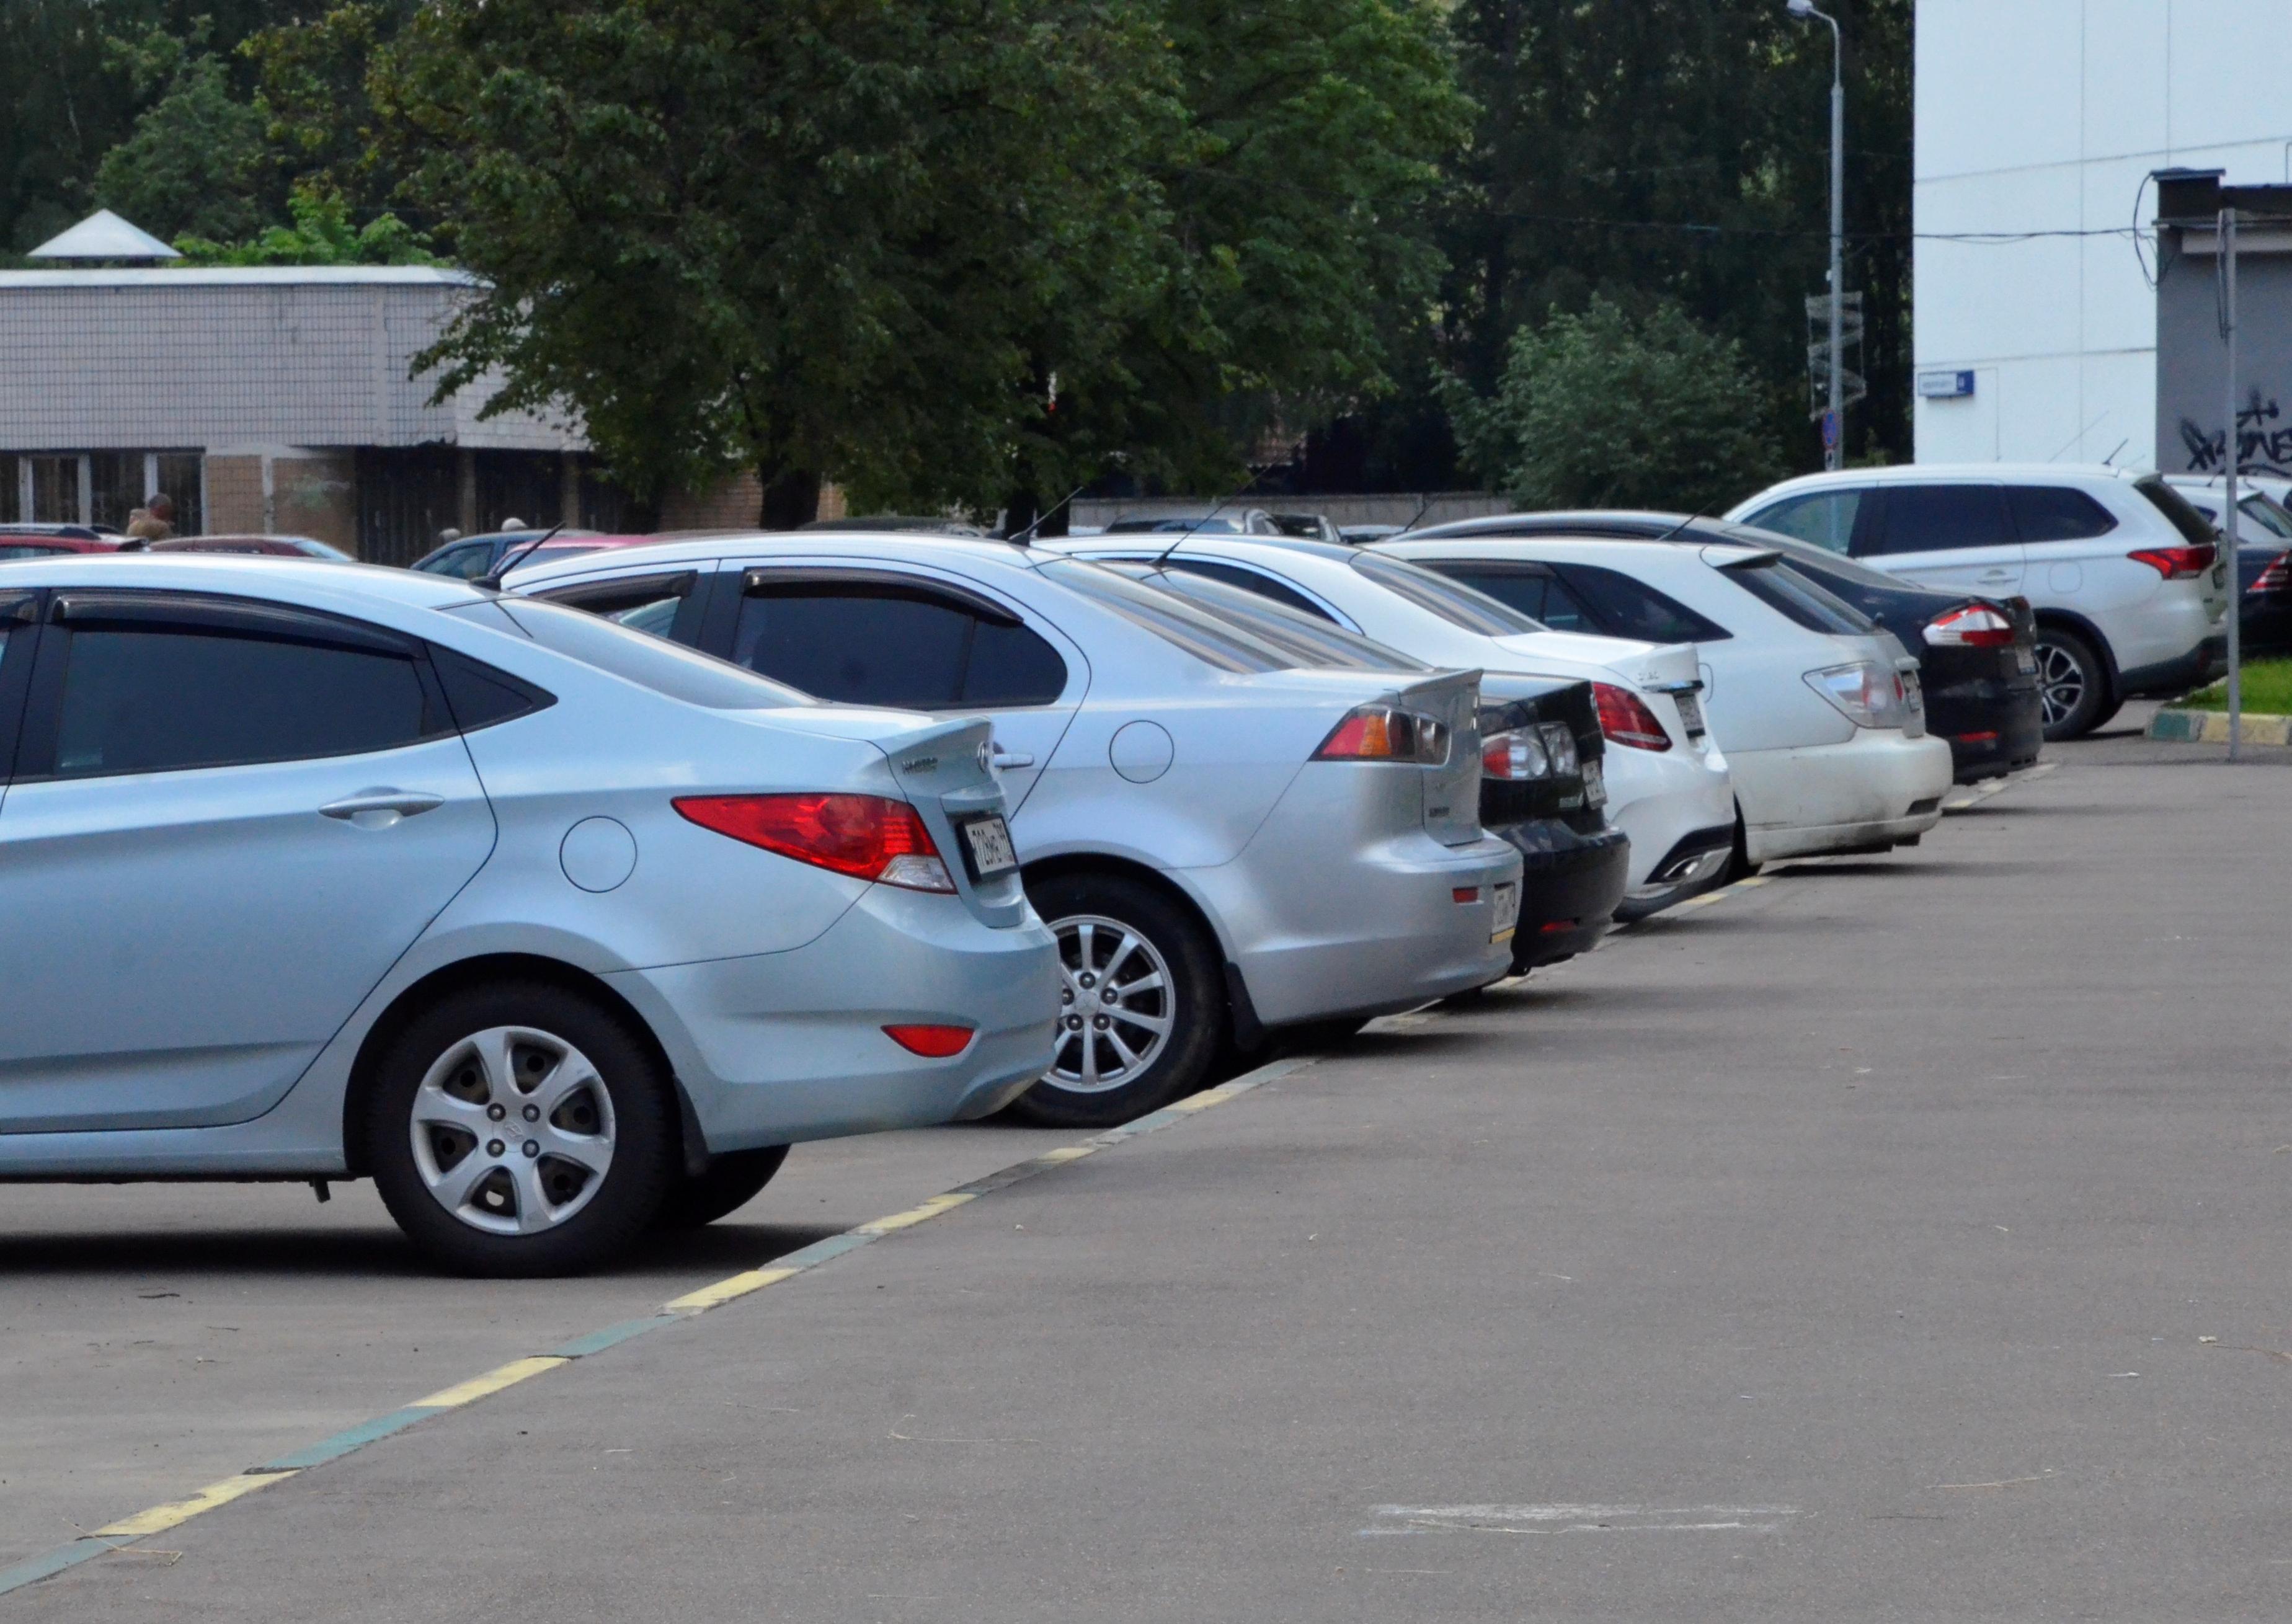 Зону действия парковочных разрешений расширили в Донском и Даниловском районах